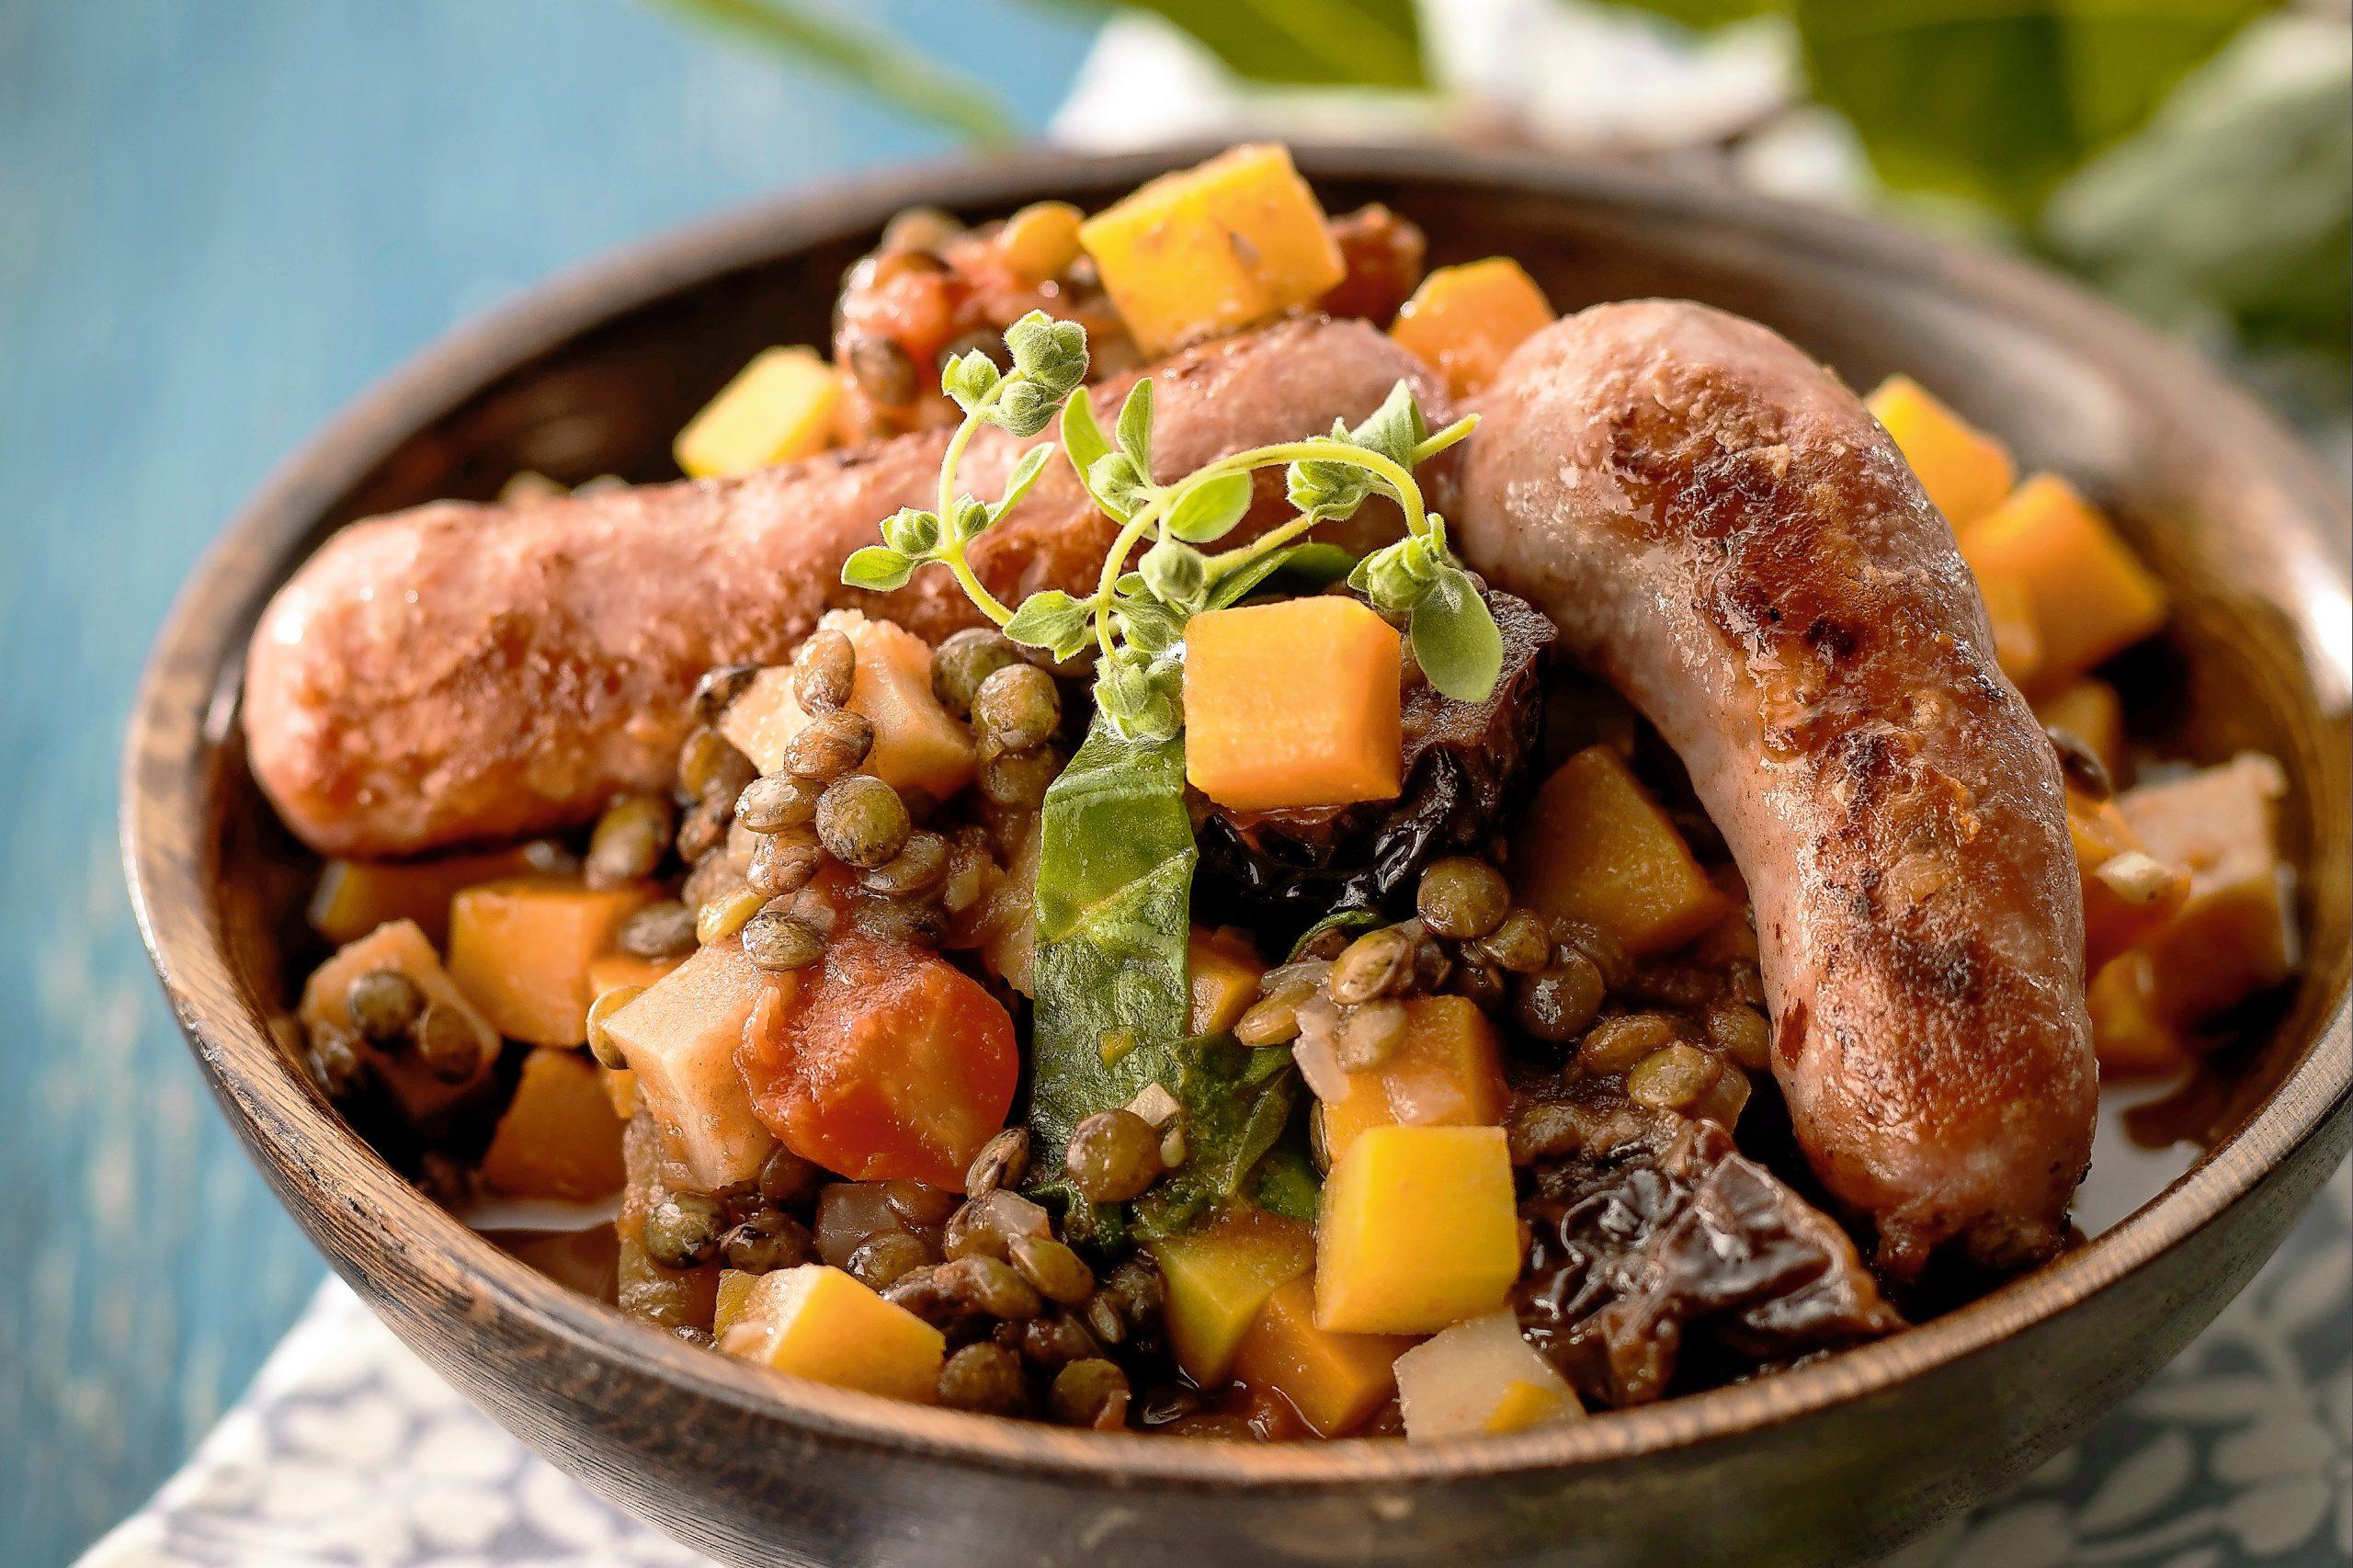 Linseneintopf mit Gemüse und Bratwurst